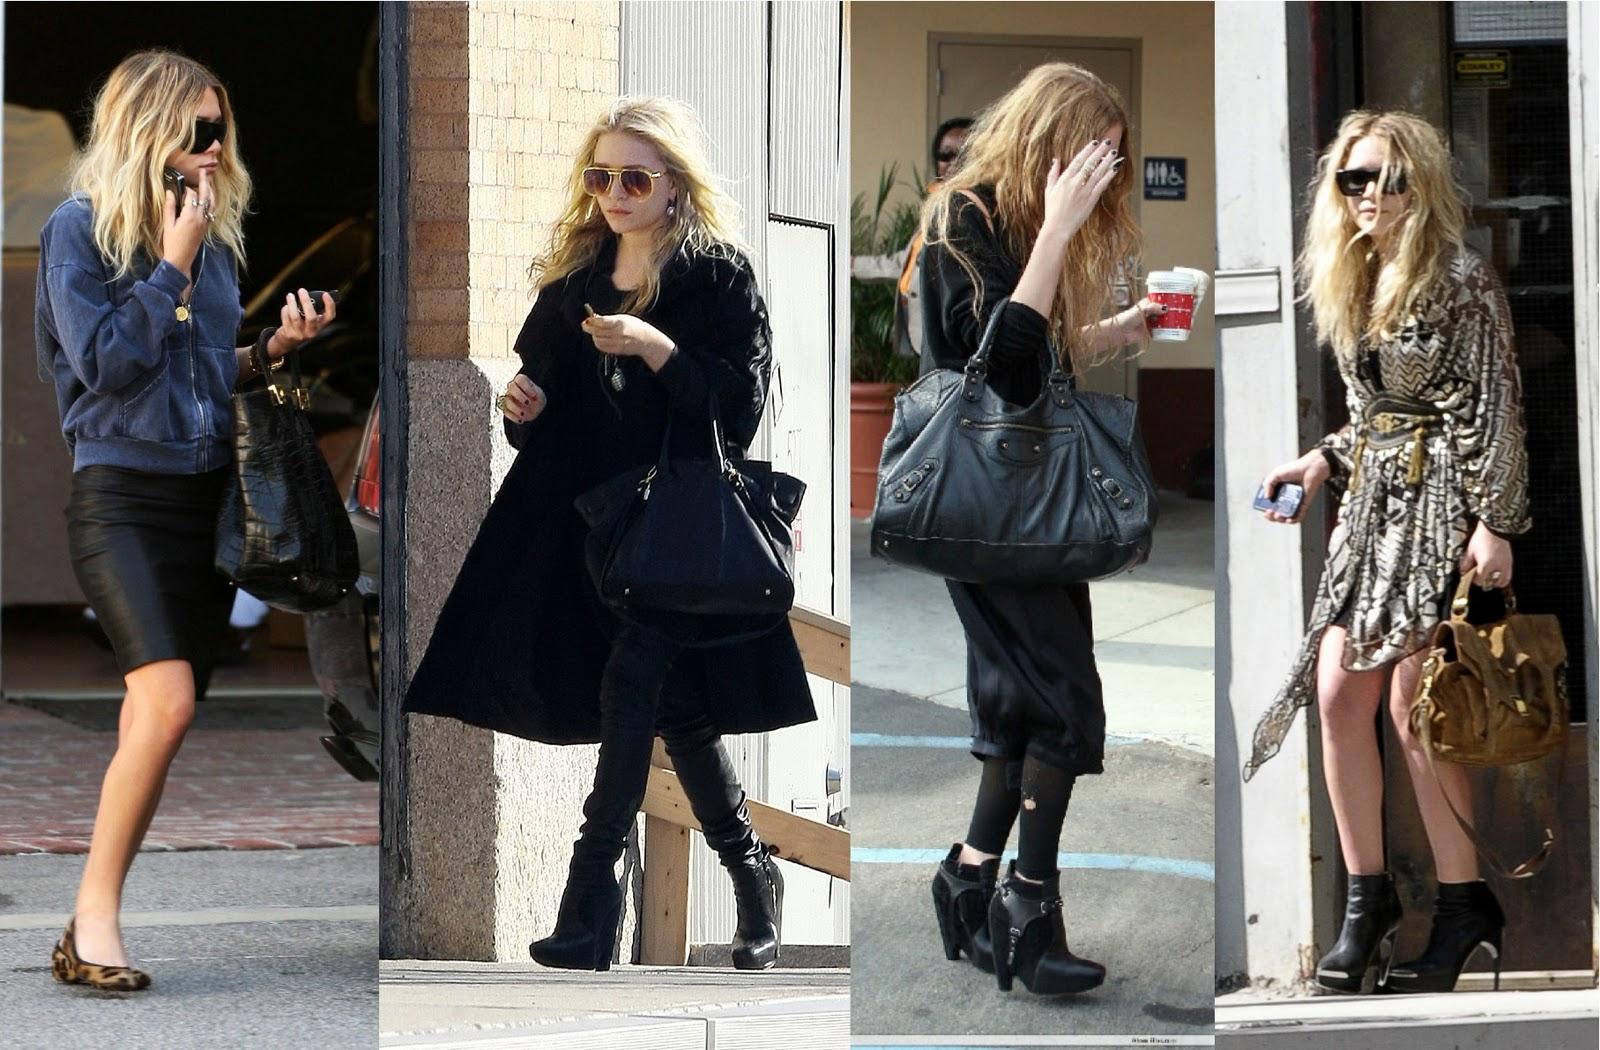 http://2.bp.blogspot.com/_PfmV3qvy8FY/TRFd5WItVZI/AAAAAAAAAkc/ven7wFyoauo/s1600/la+modella+mafia+olsen+handbags.jpg